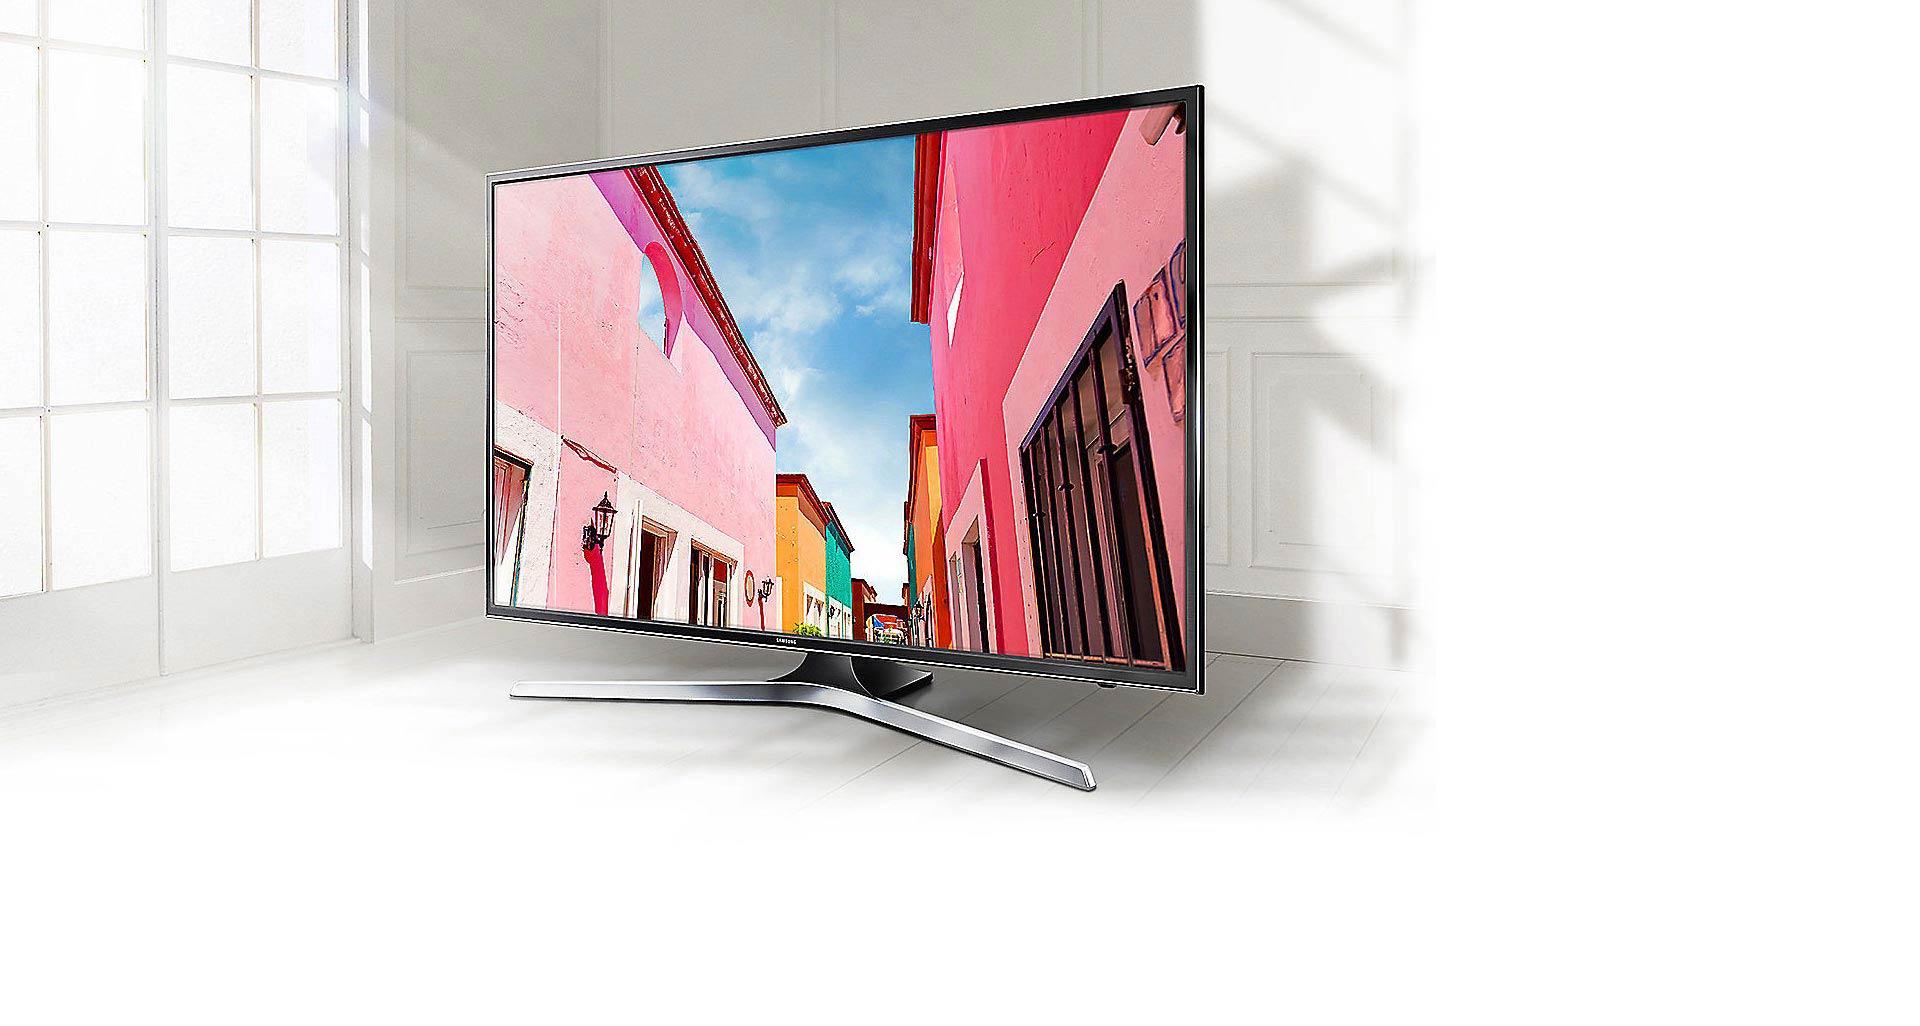 قیمت تلویزیون سامسونگ 55nu7900